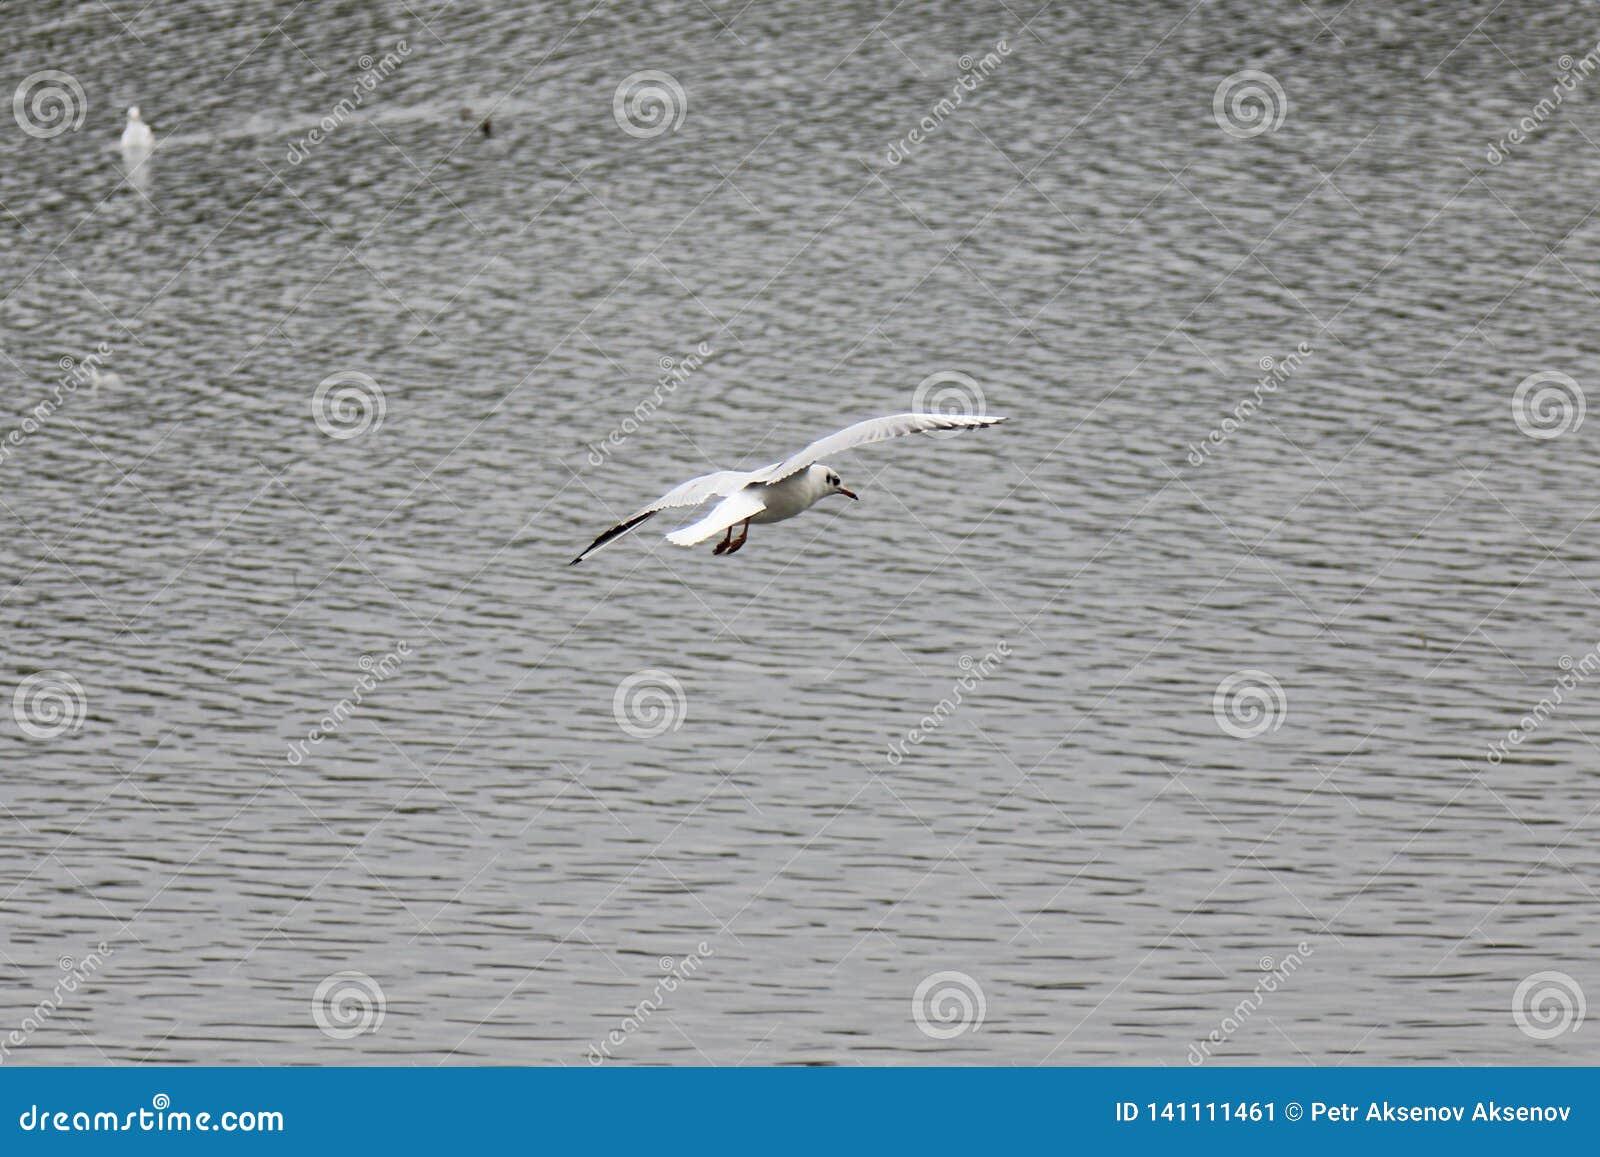 Mouette planant au-dessus de l eau d automne colorée par avance